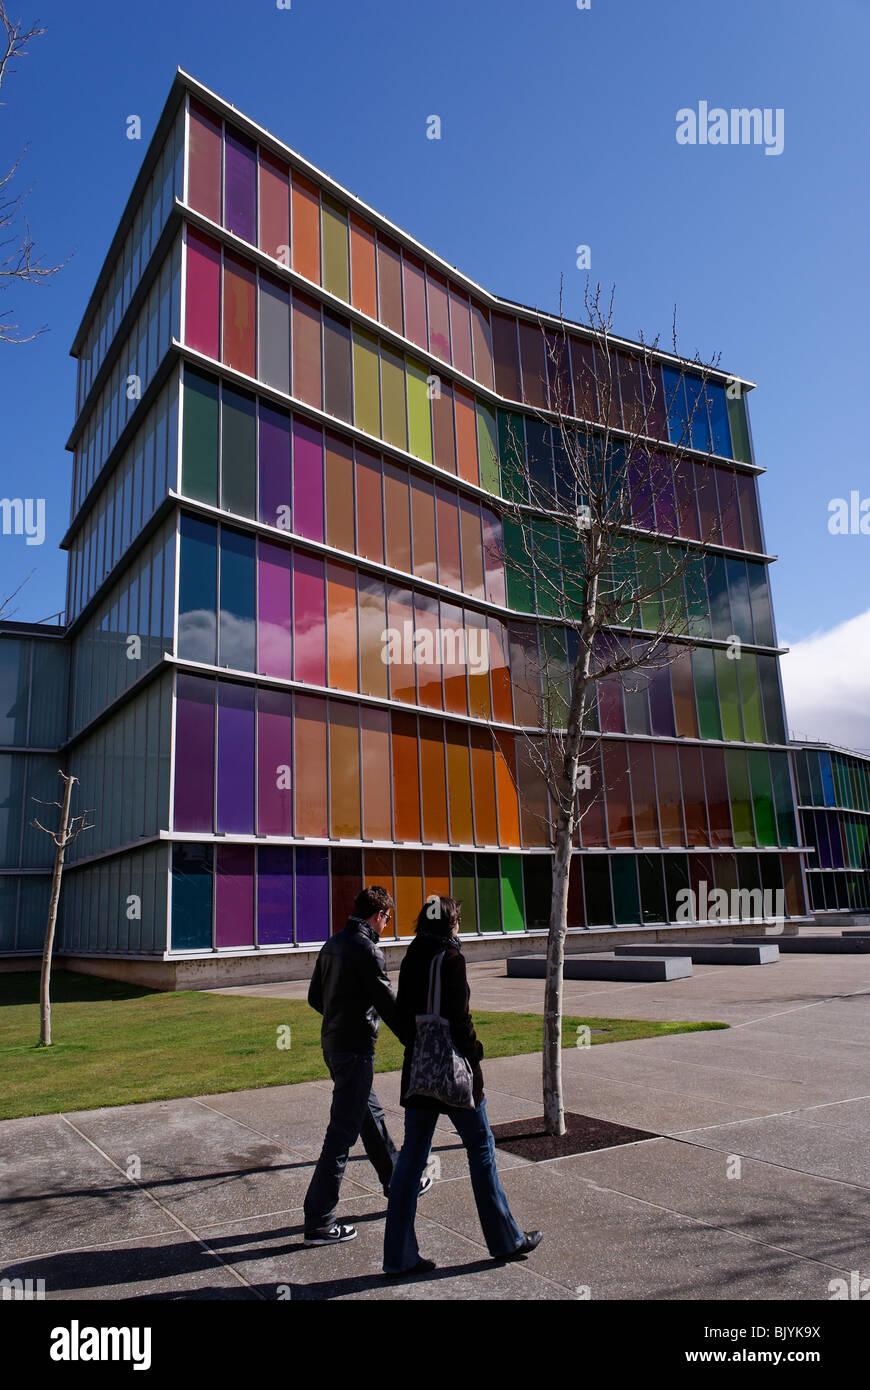 city of León, Castilla y león contemporary art museum MUSAC - Stock Image